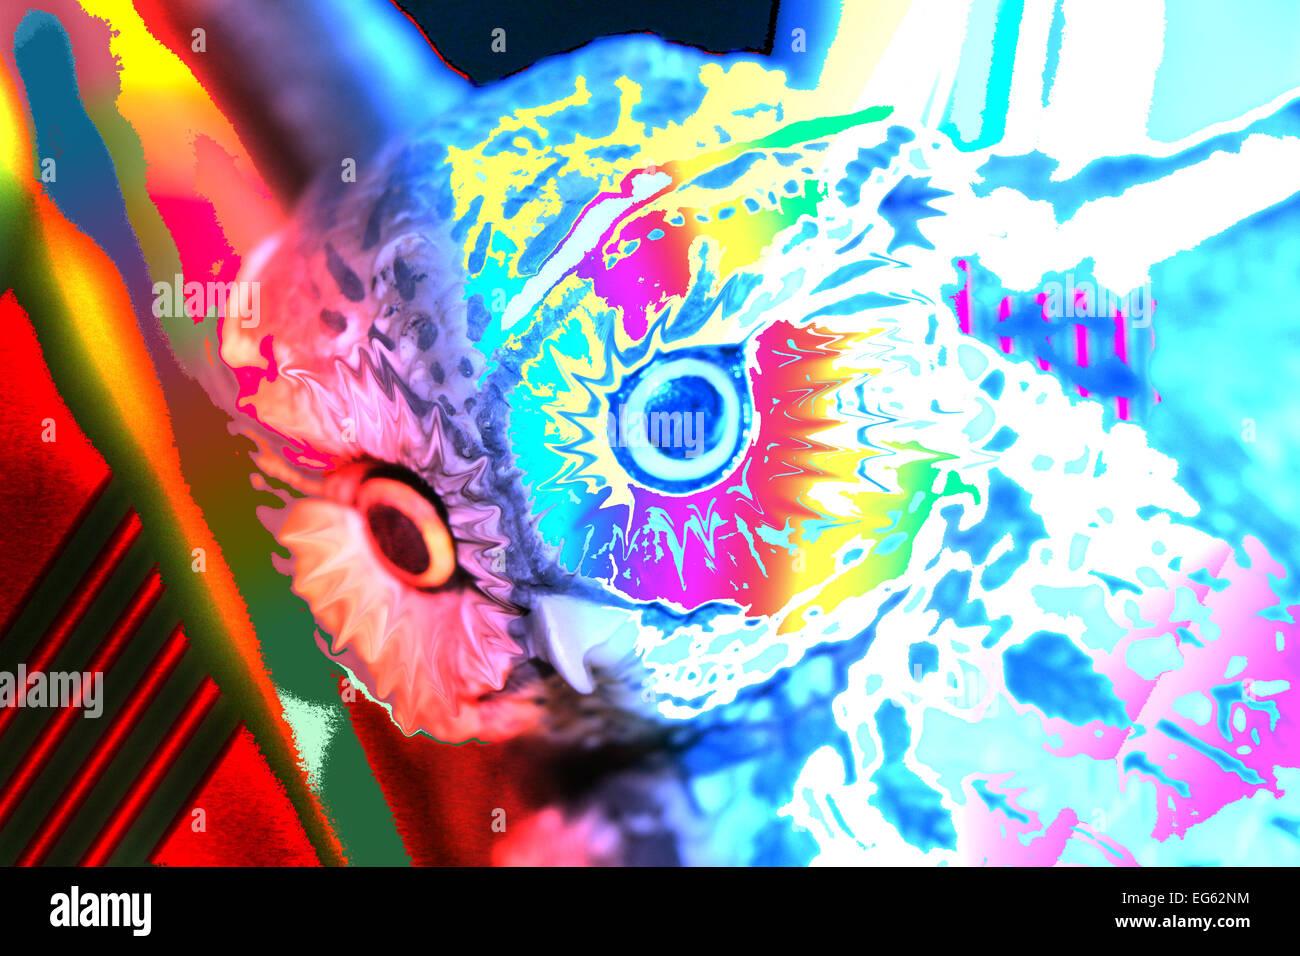 1; abstrakte Eule abstrakte Eulen Tier; Tiere; Vogel; Raubvogel; Vögel; Raubvögel; blauer Himmel; blauer Stockbild